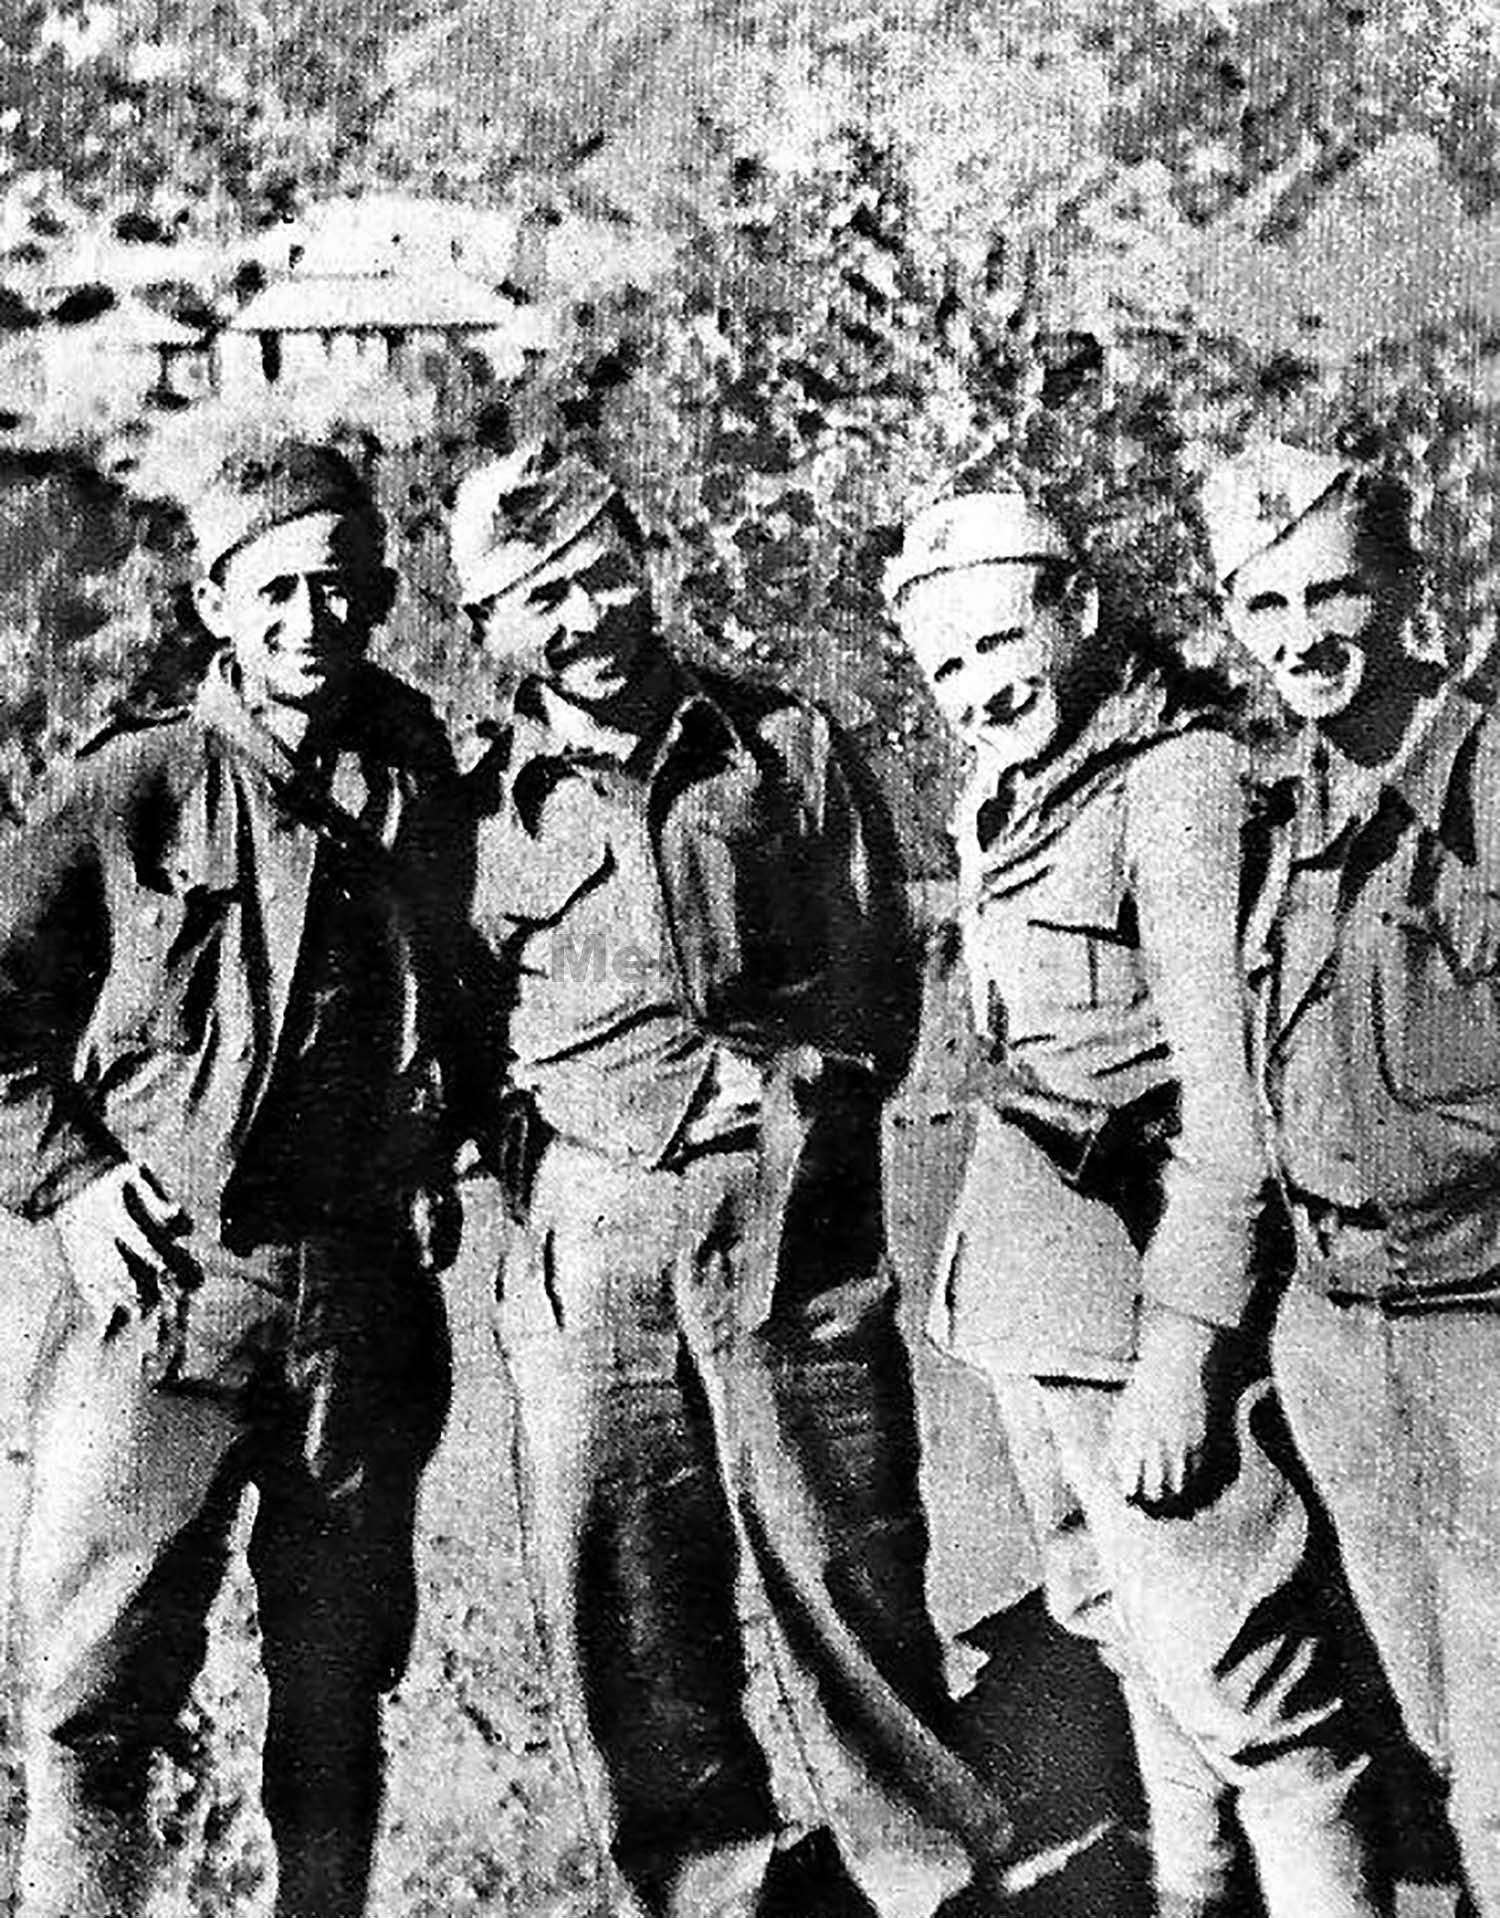 Bilbil-Klosi-Zihni-Sako-Josif-Pashko-Ramiz-Alia-1944